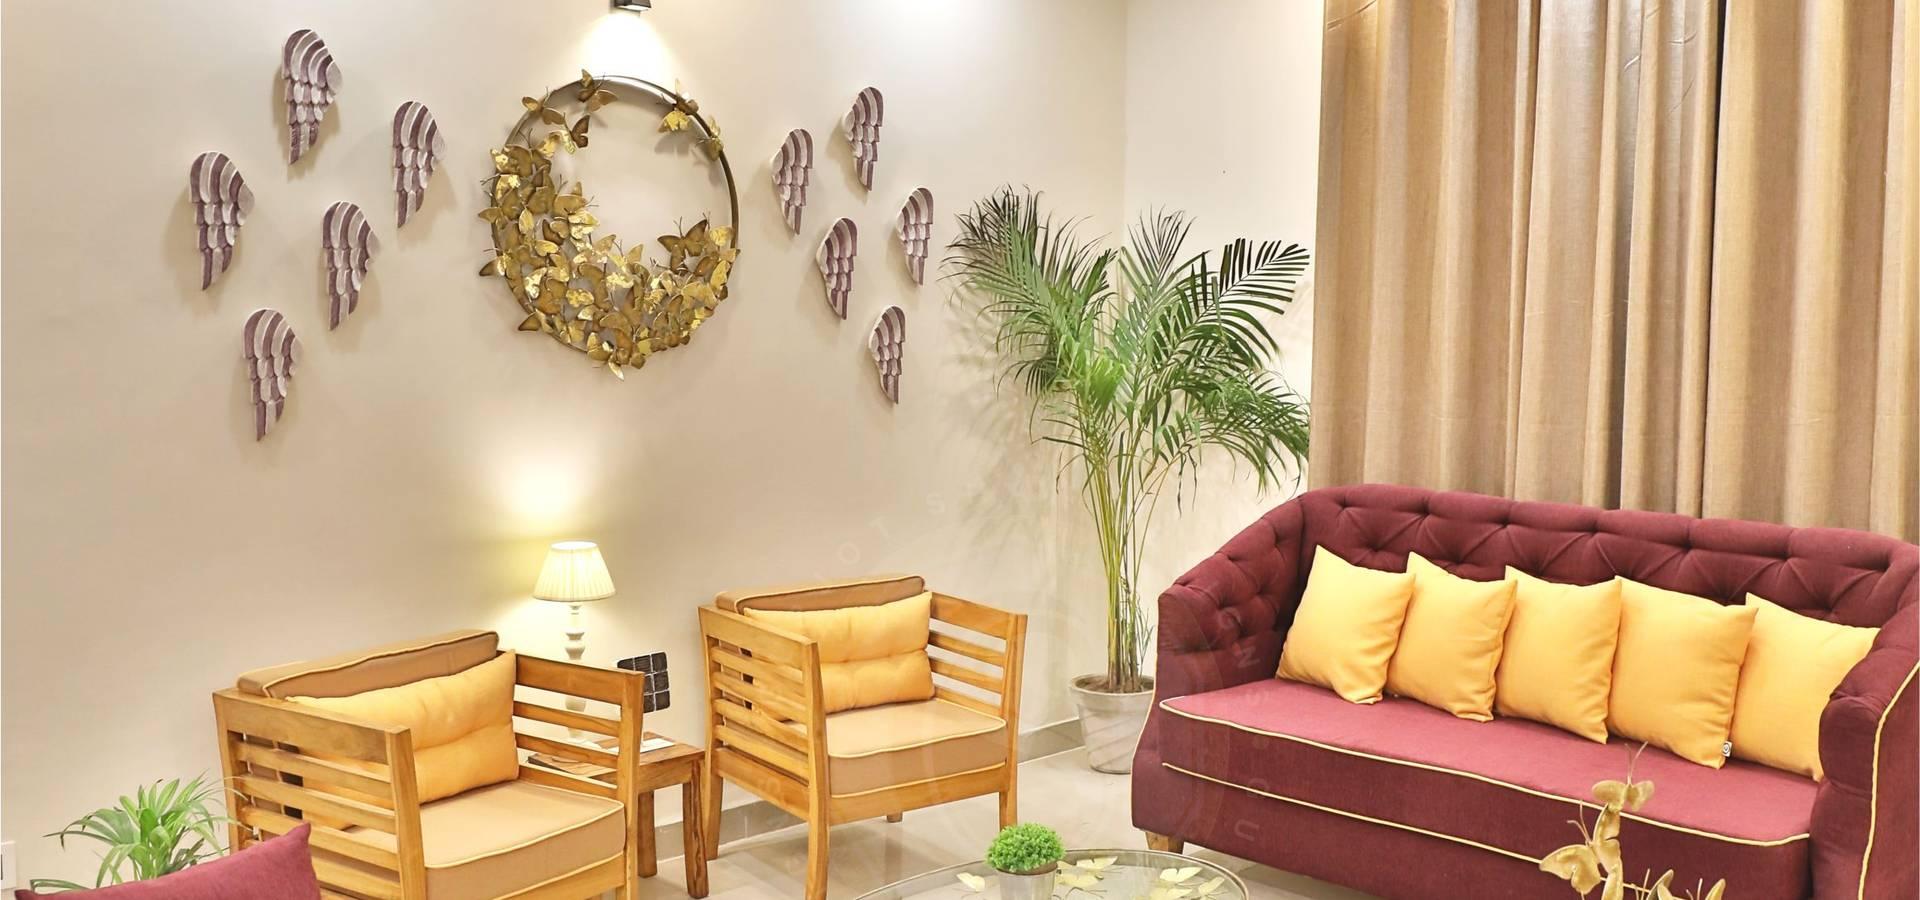 Gurjot Shan Designs